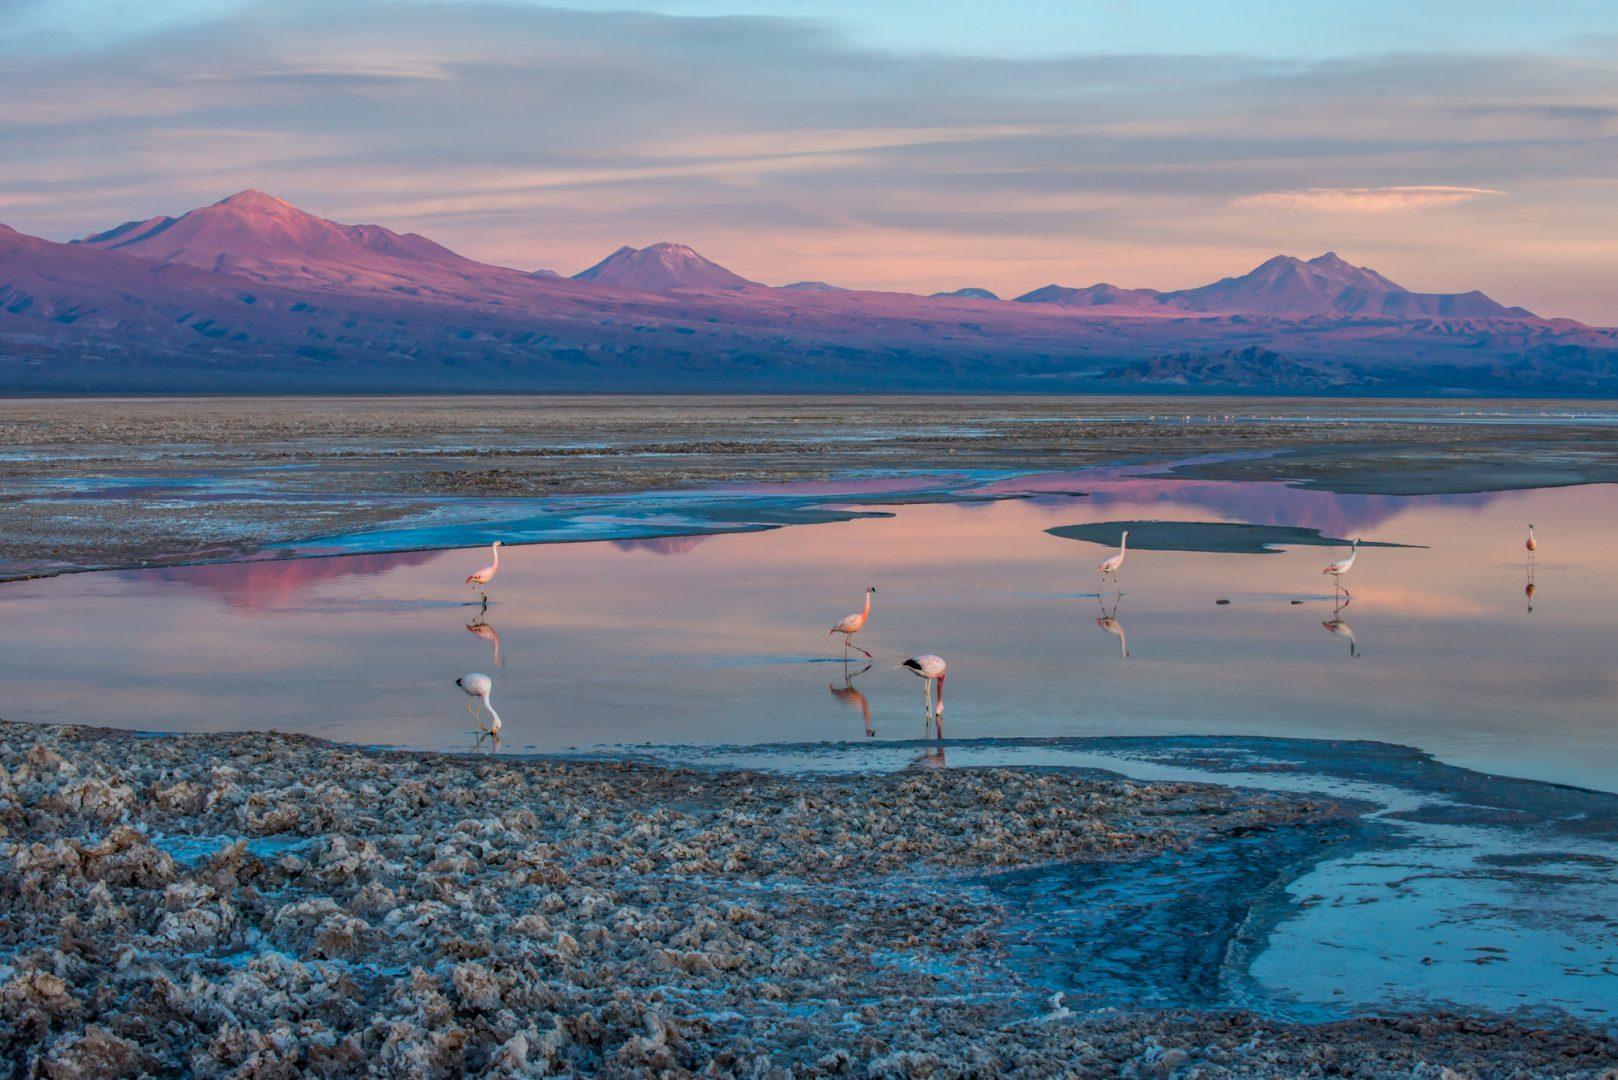 Flamingos in the desert - photo by Alto Atacama